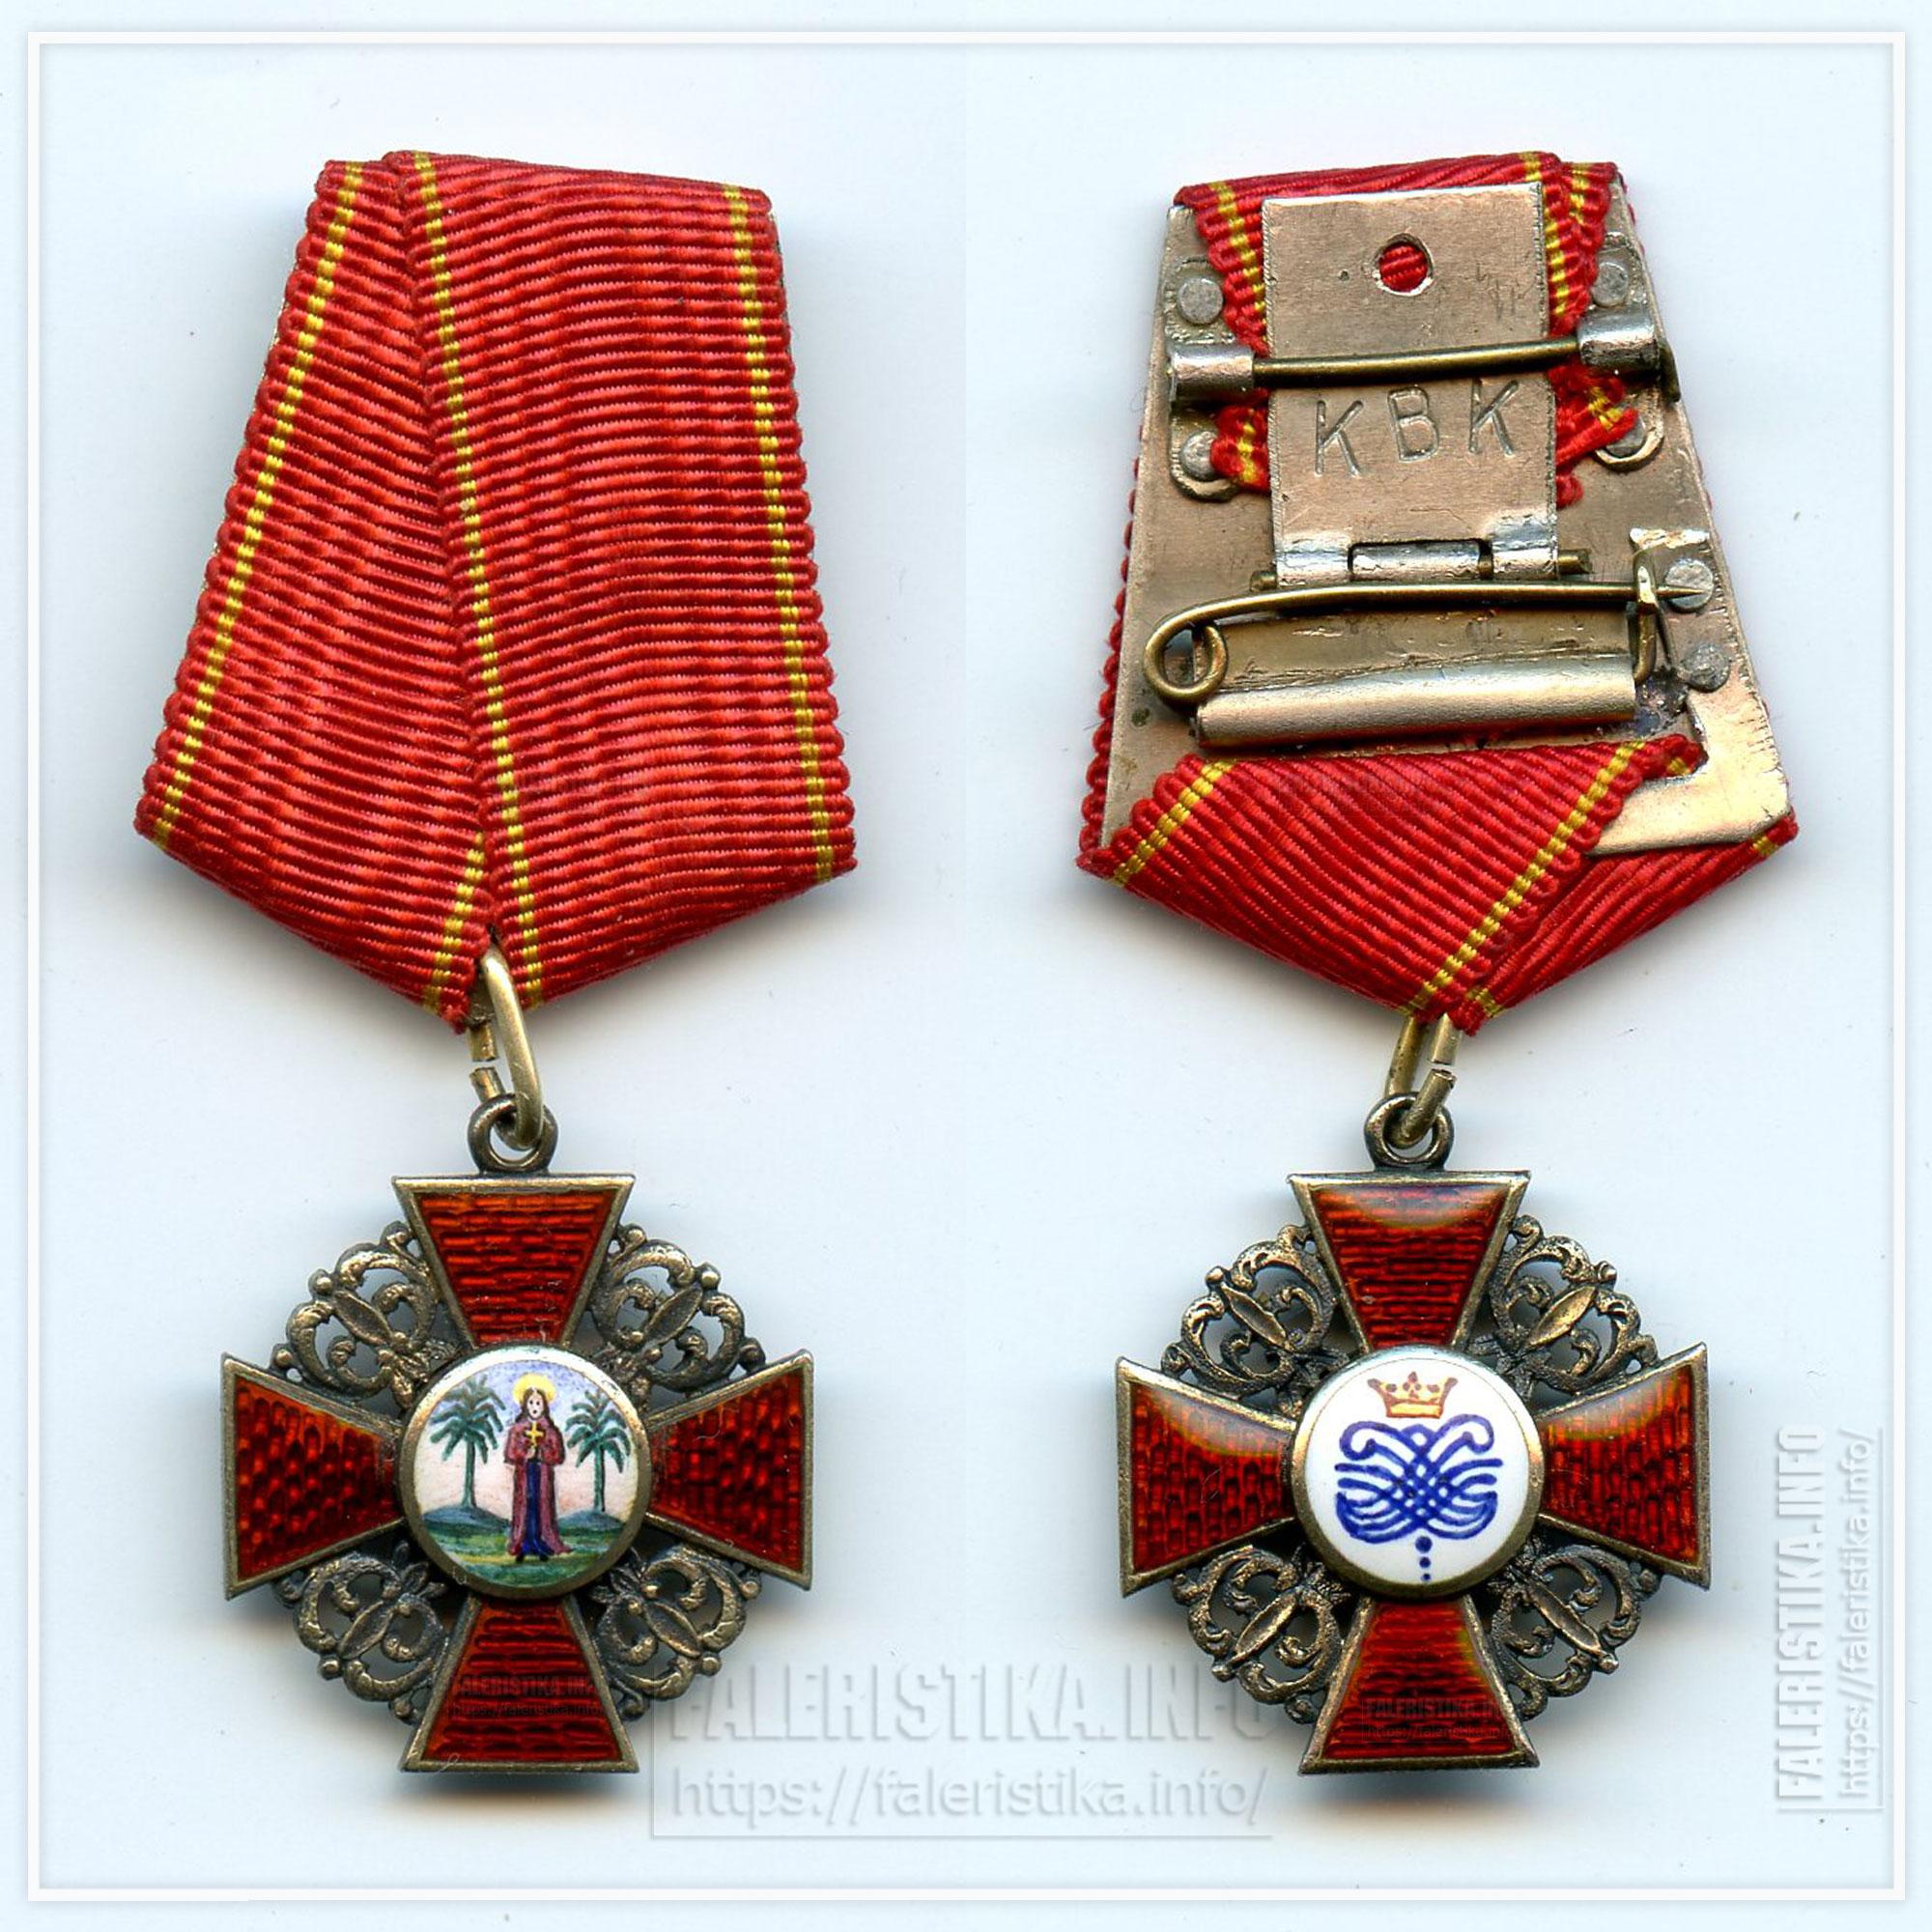 Знак Ордена Св. Анны. Миниатюра. Серебро, золочение, эмаль, роспись. Российская Империя. 17 на 17 мм по лучам